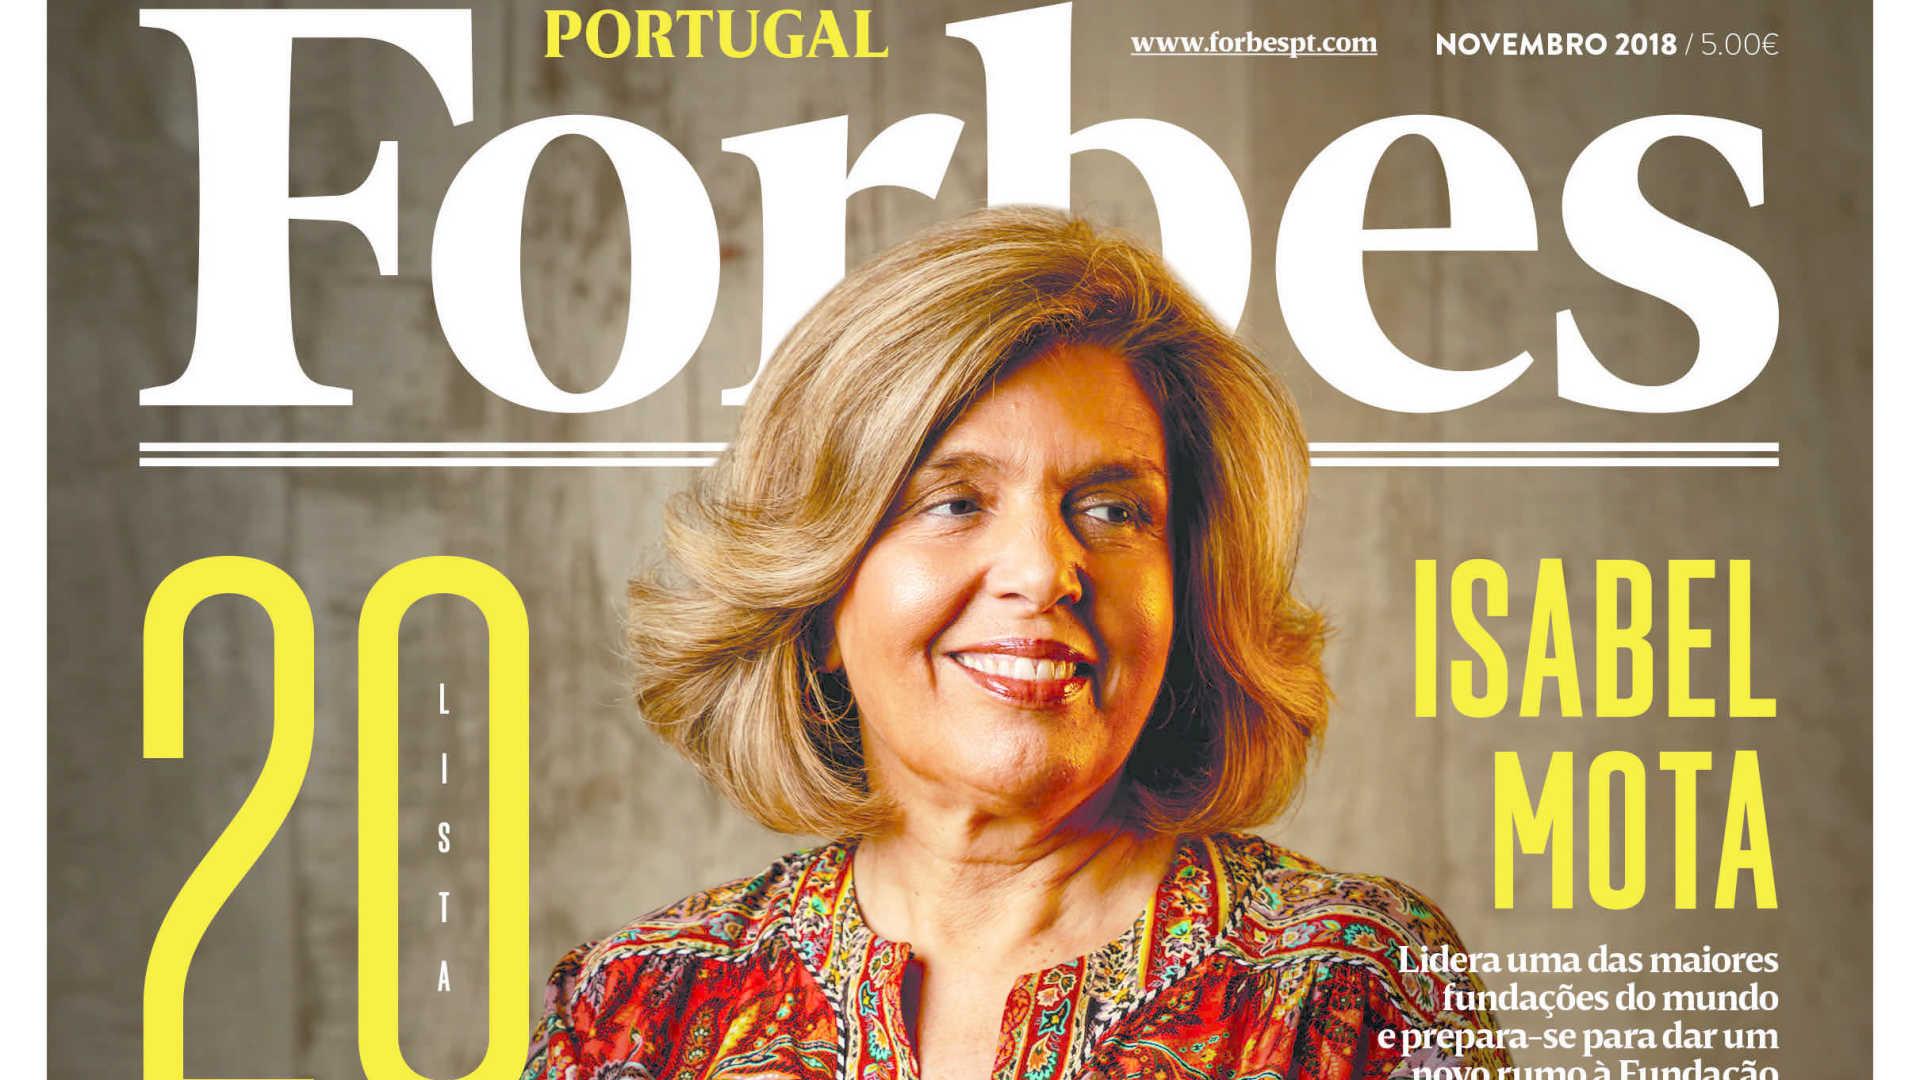 Isabel Mota aparece no quarto lugar do Top 10 das mulheres mais poderosas / Forbes